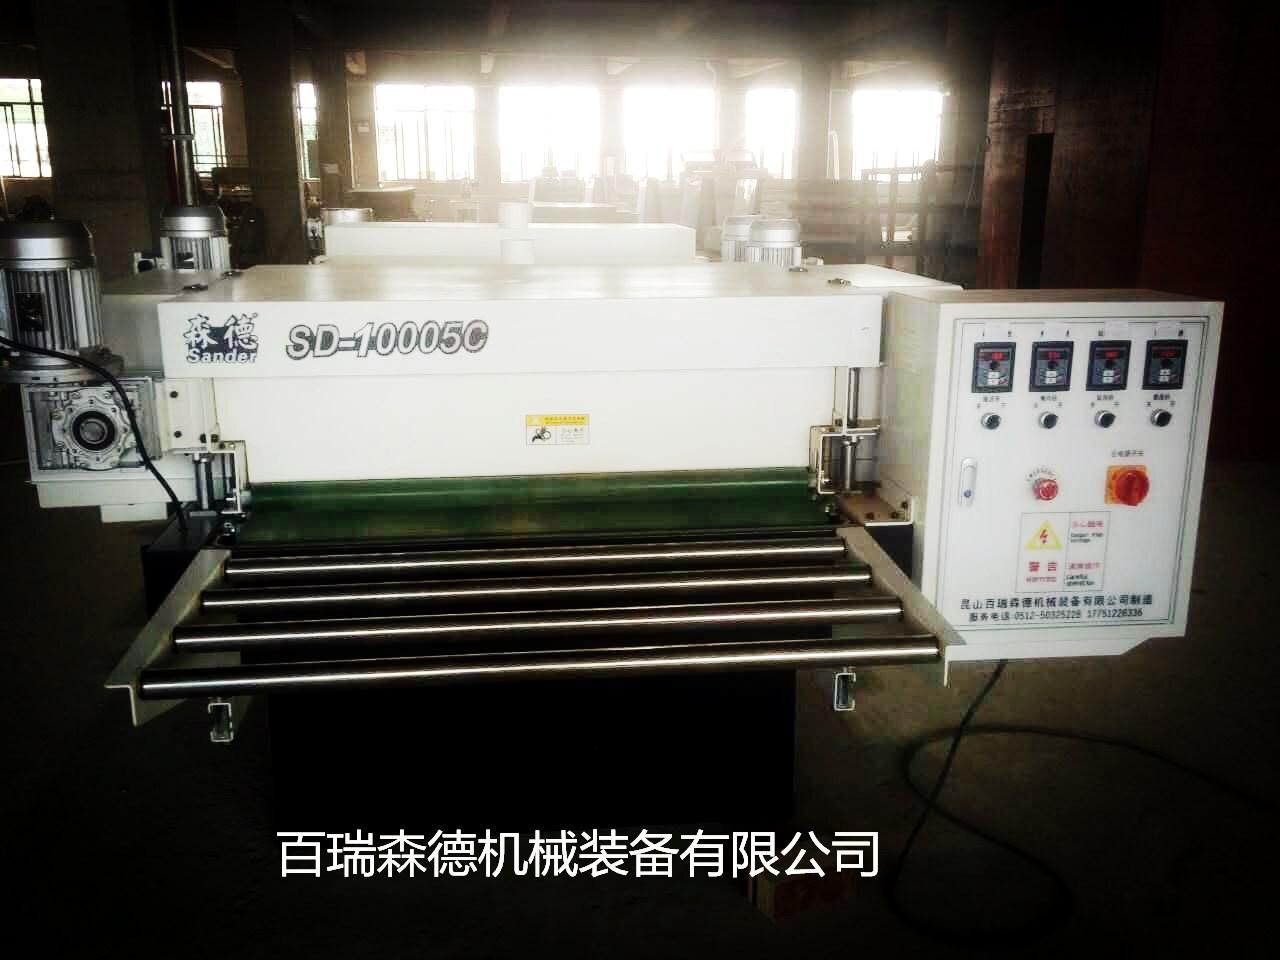 异型打磨机SD-10005C 厂家直供 森德专注打磨机10年